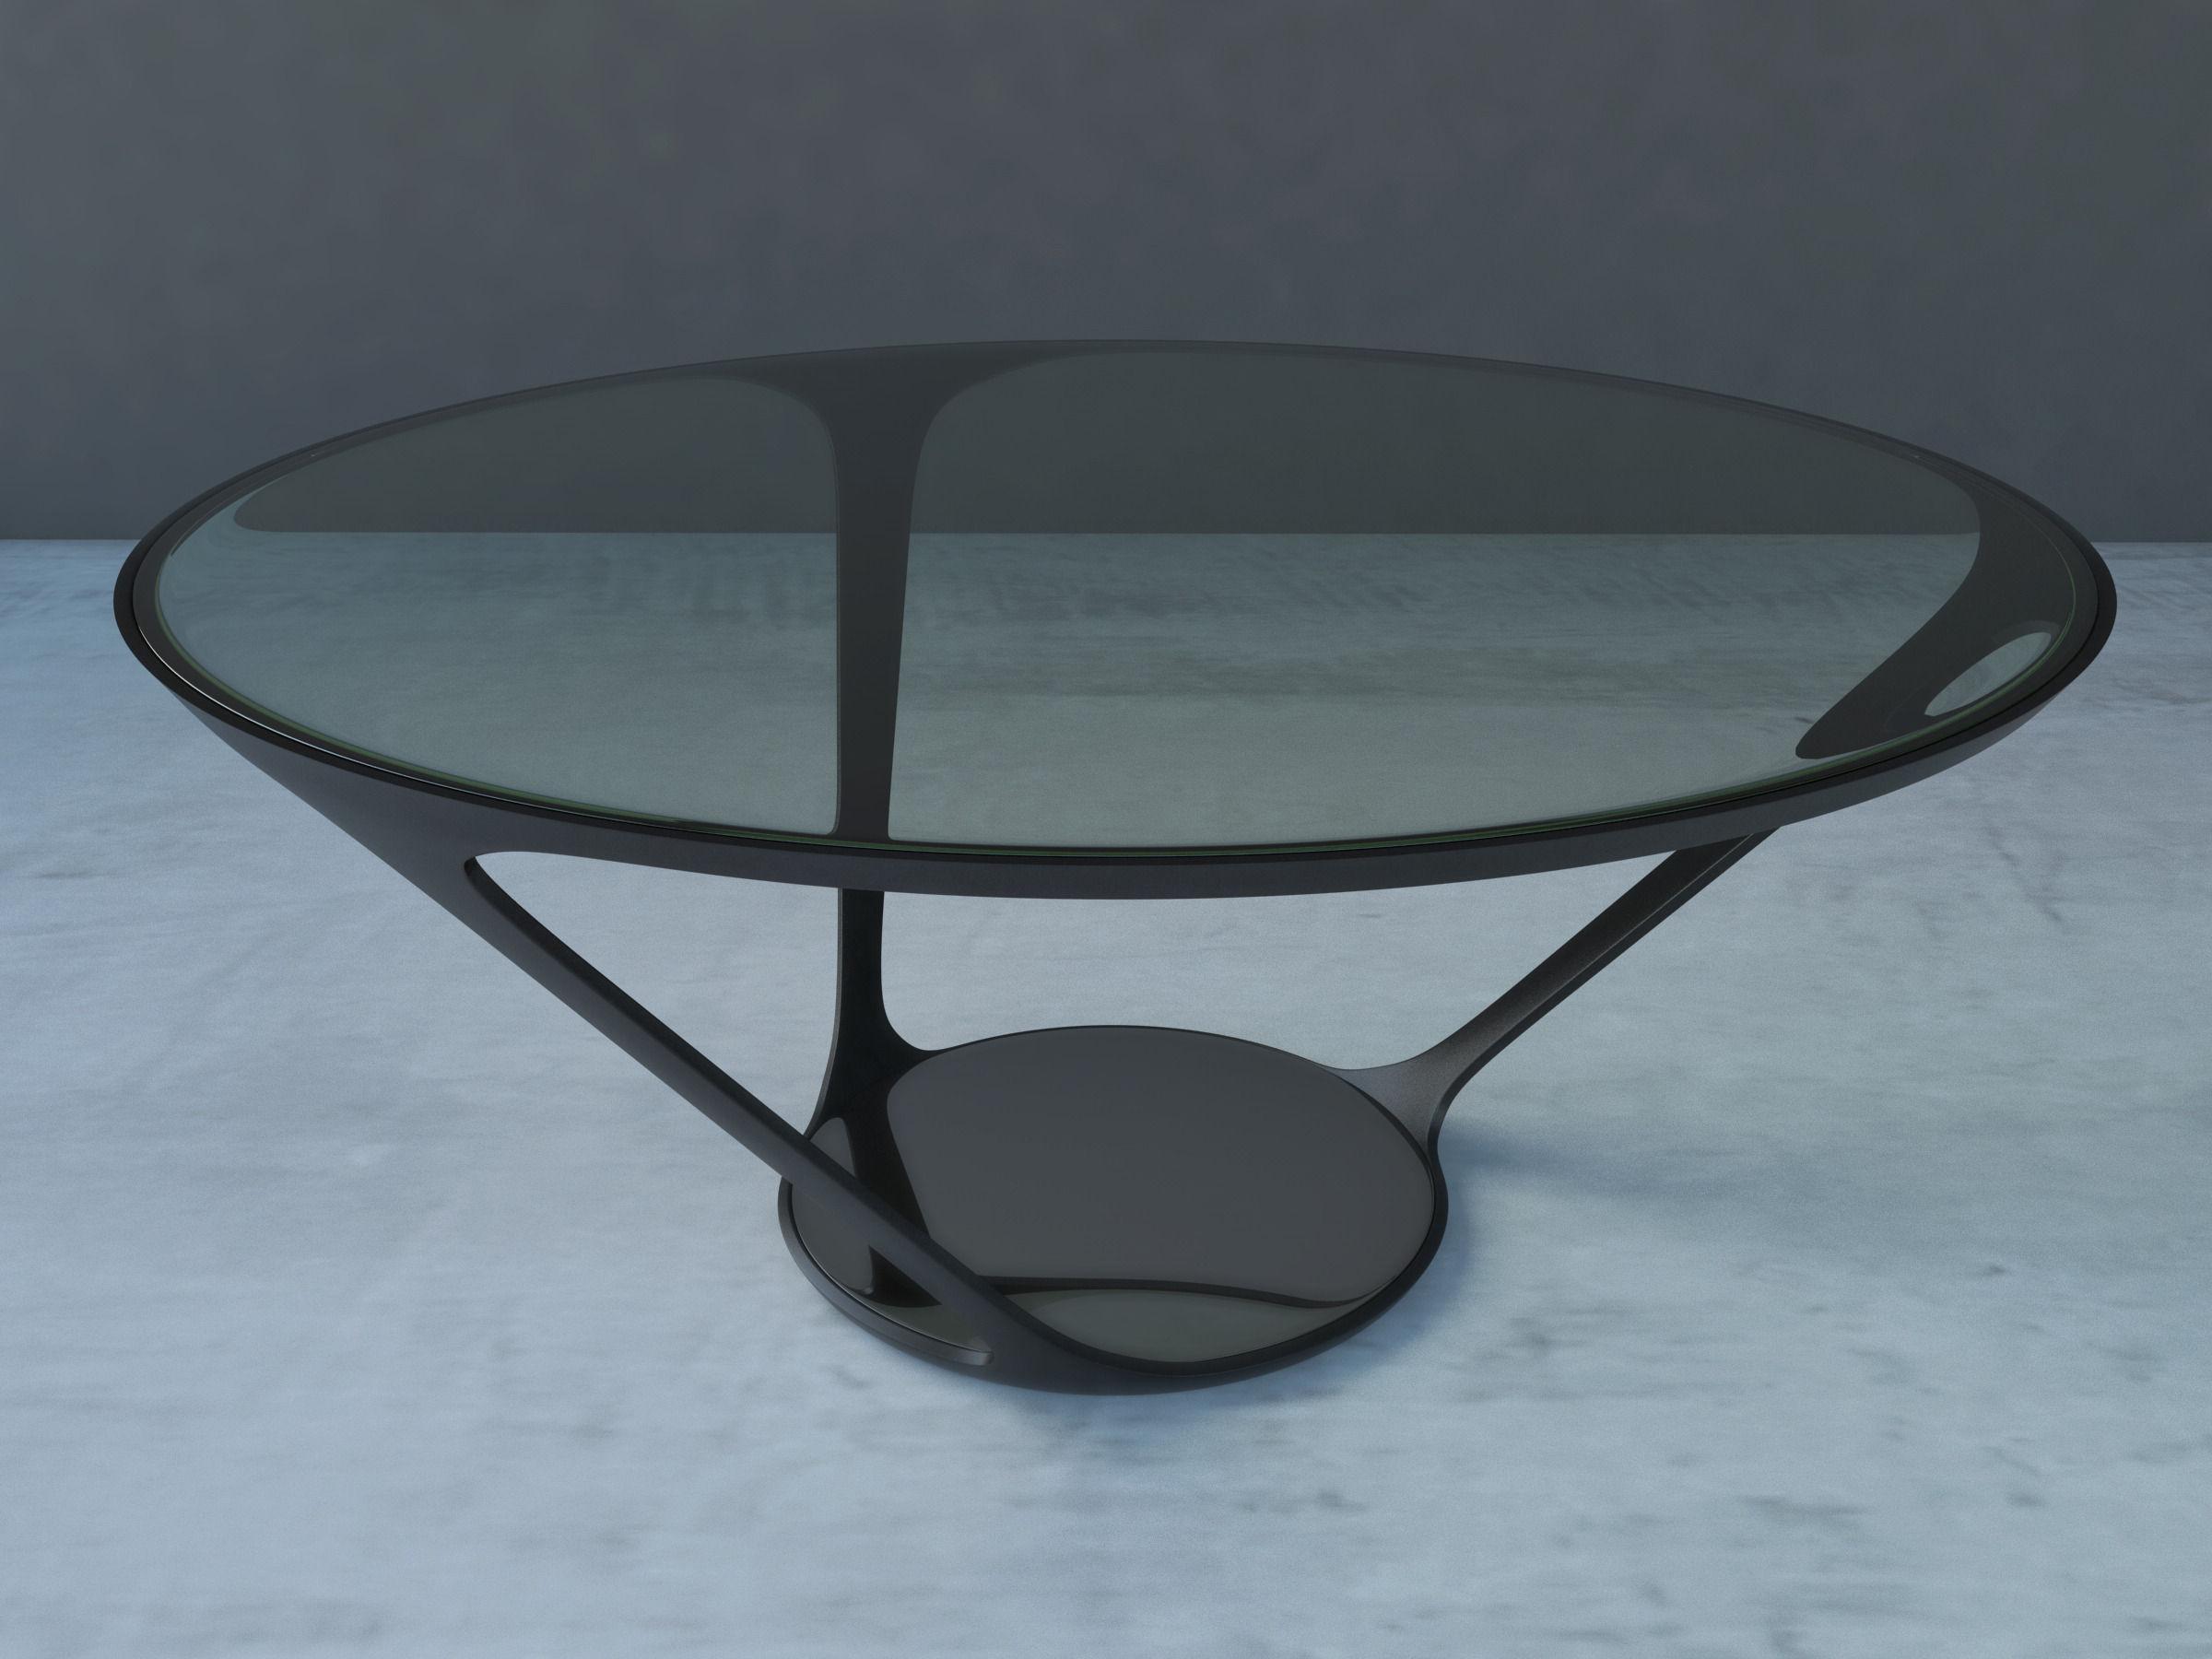 ora ito dinning table 3d model obj 3ds fbx c4d dxf. Black Bedroom Furniture Sets. Home Design Ideas